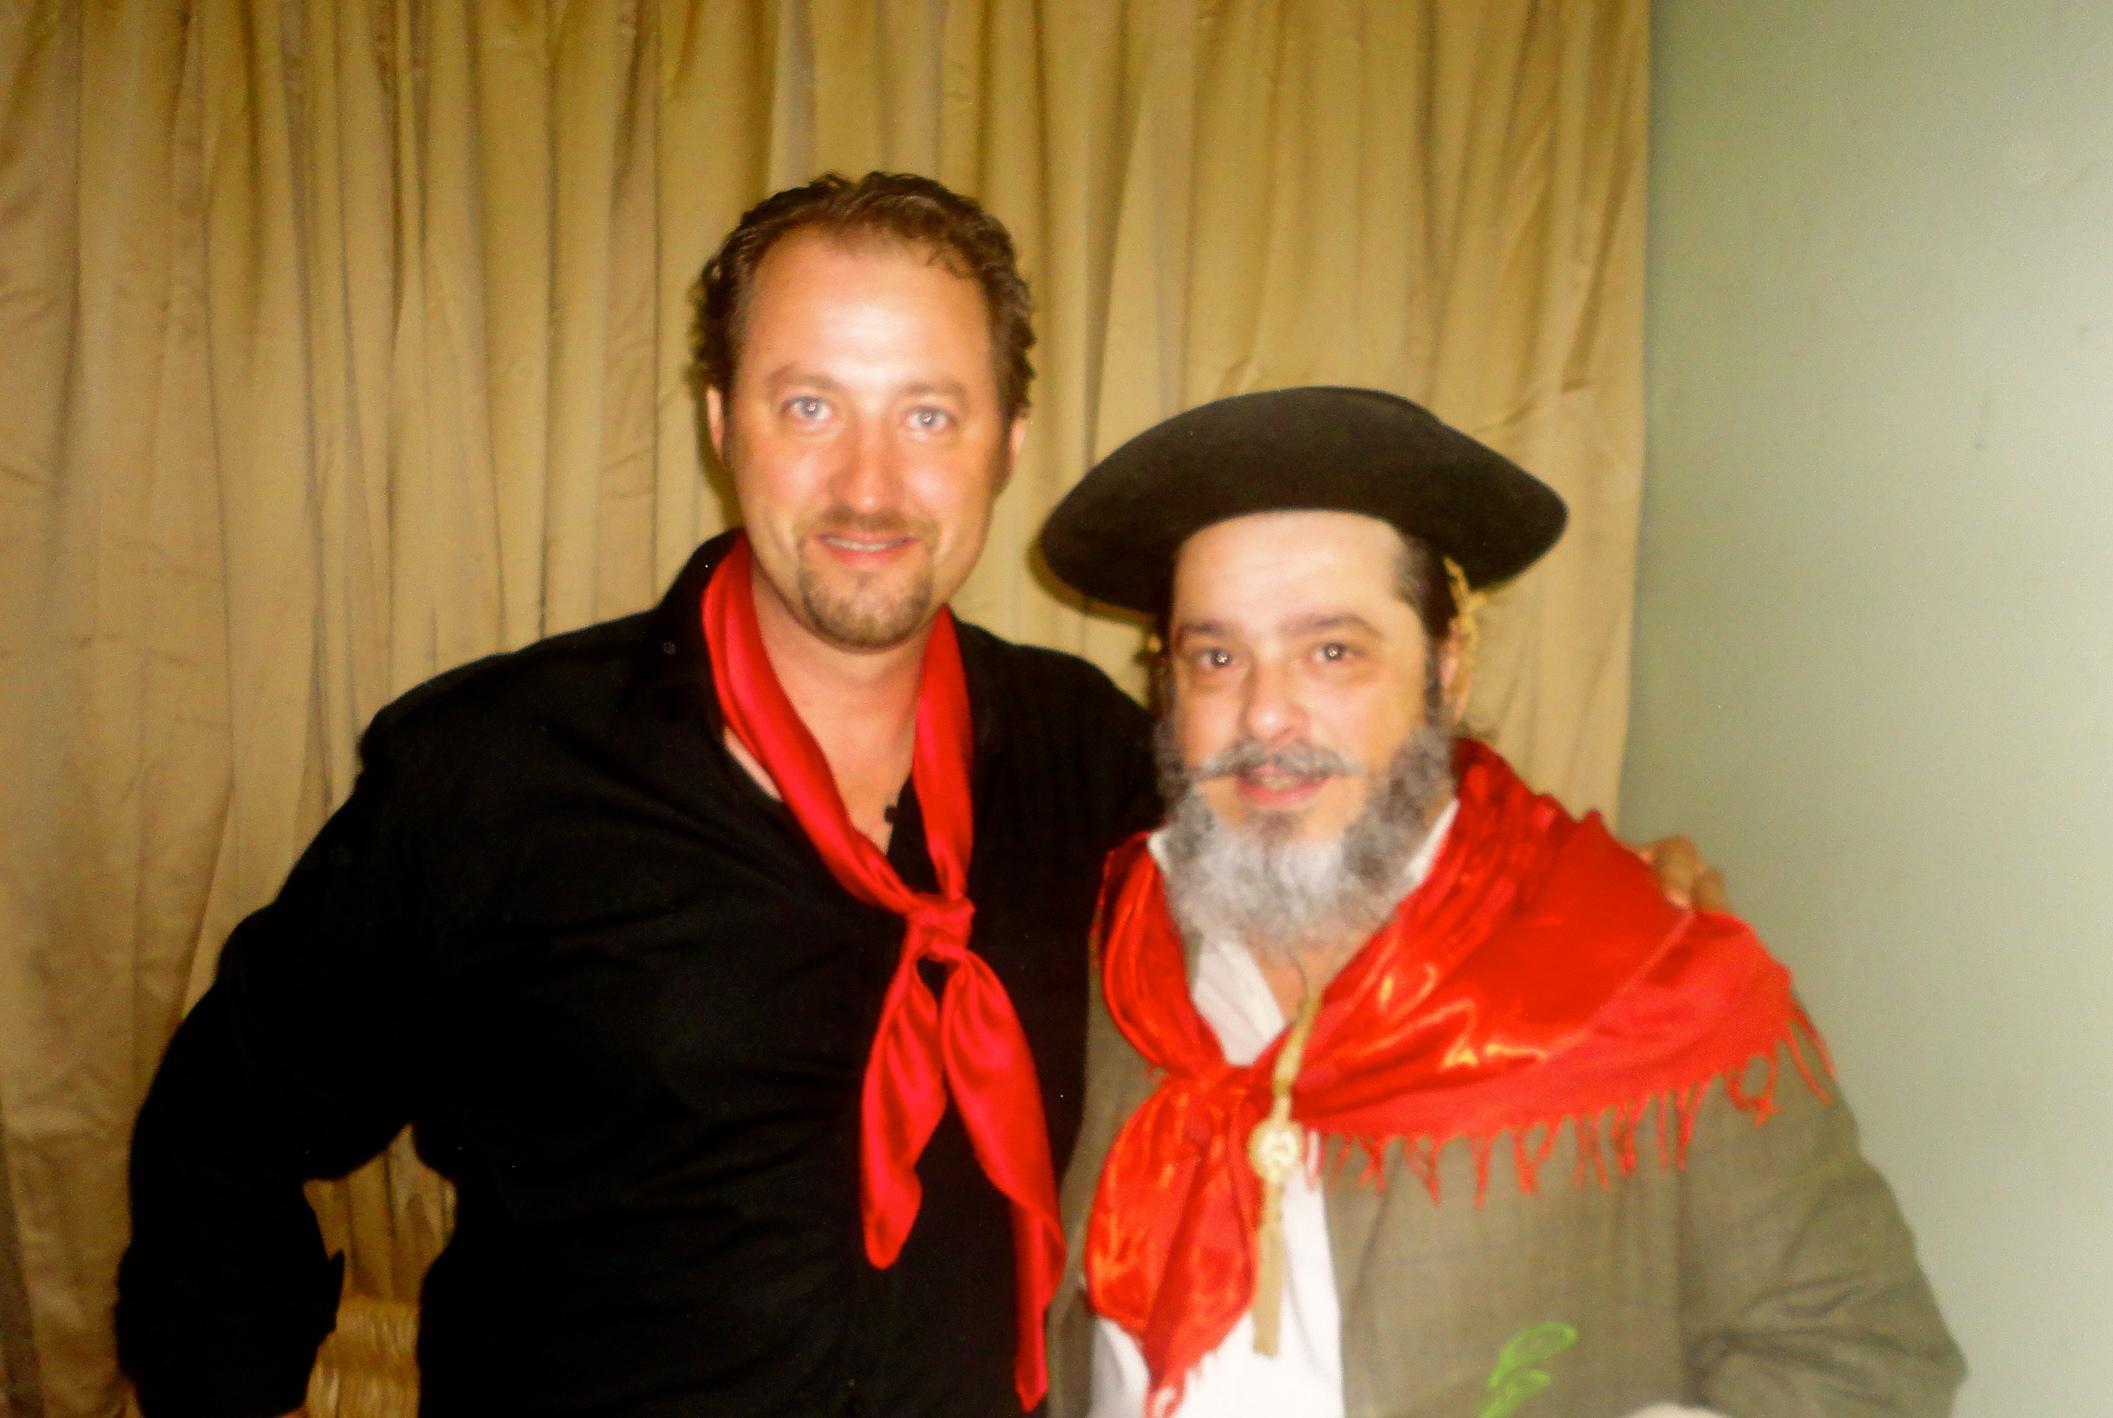 Doutor Picanha e Luiz Marenco